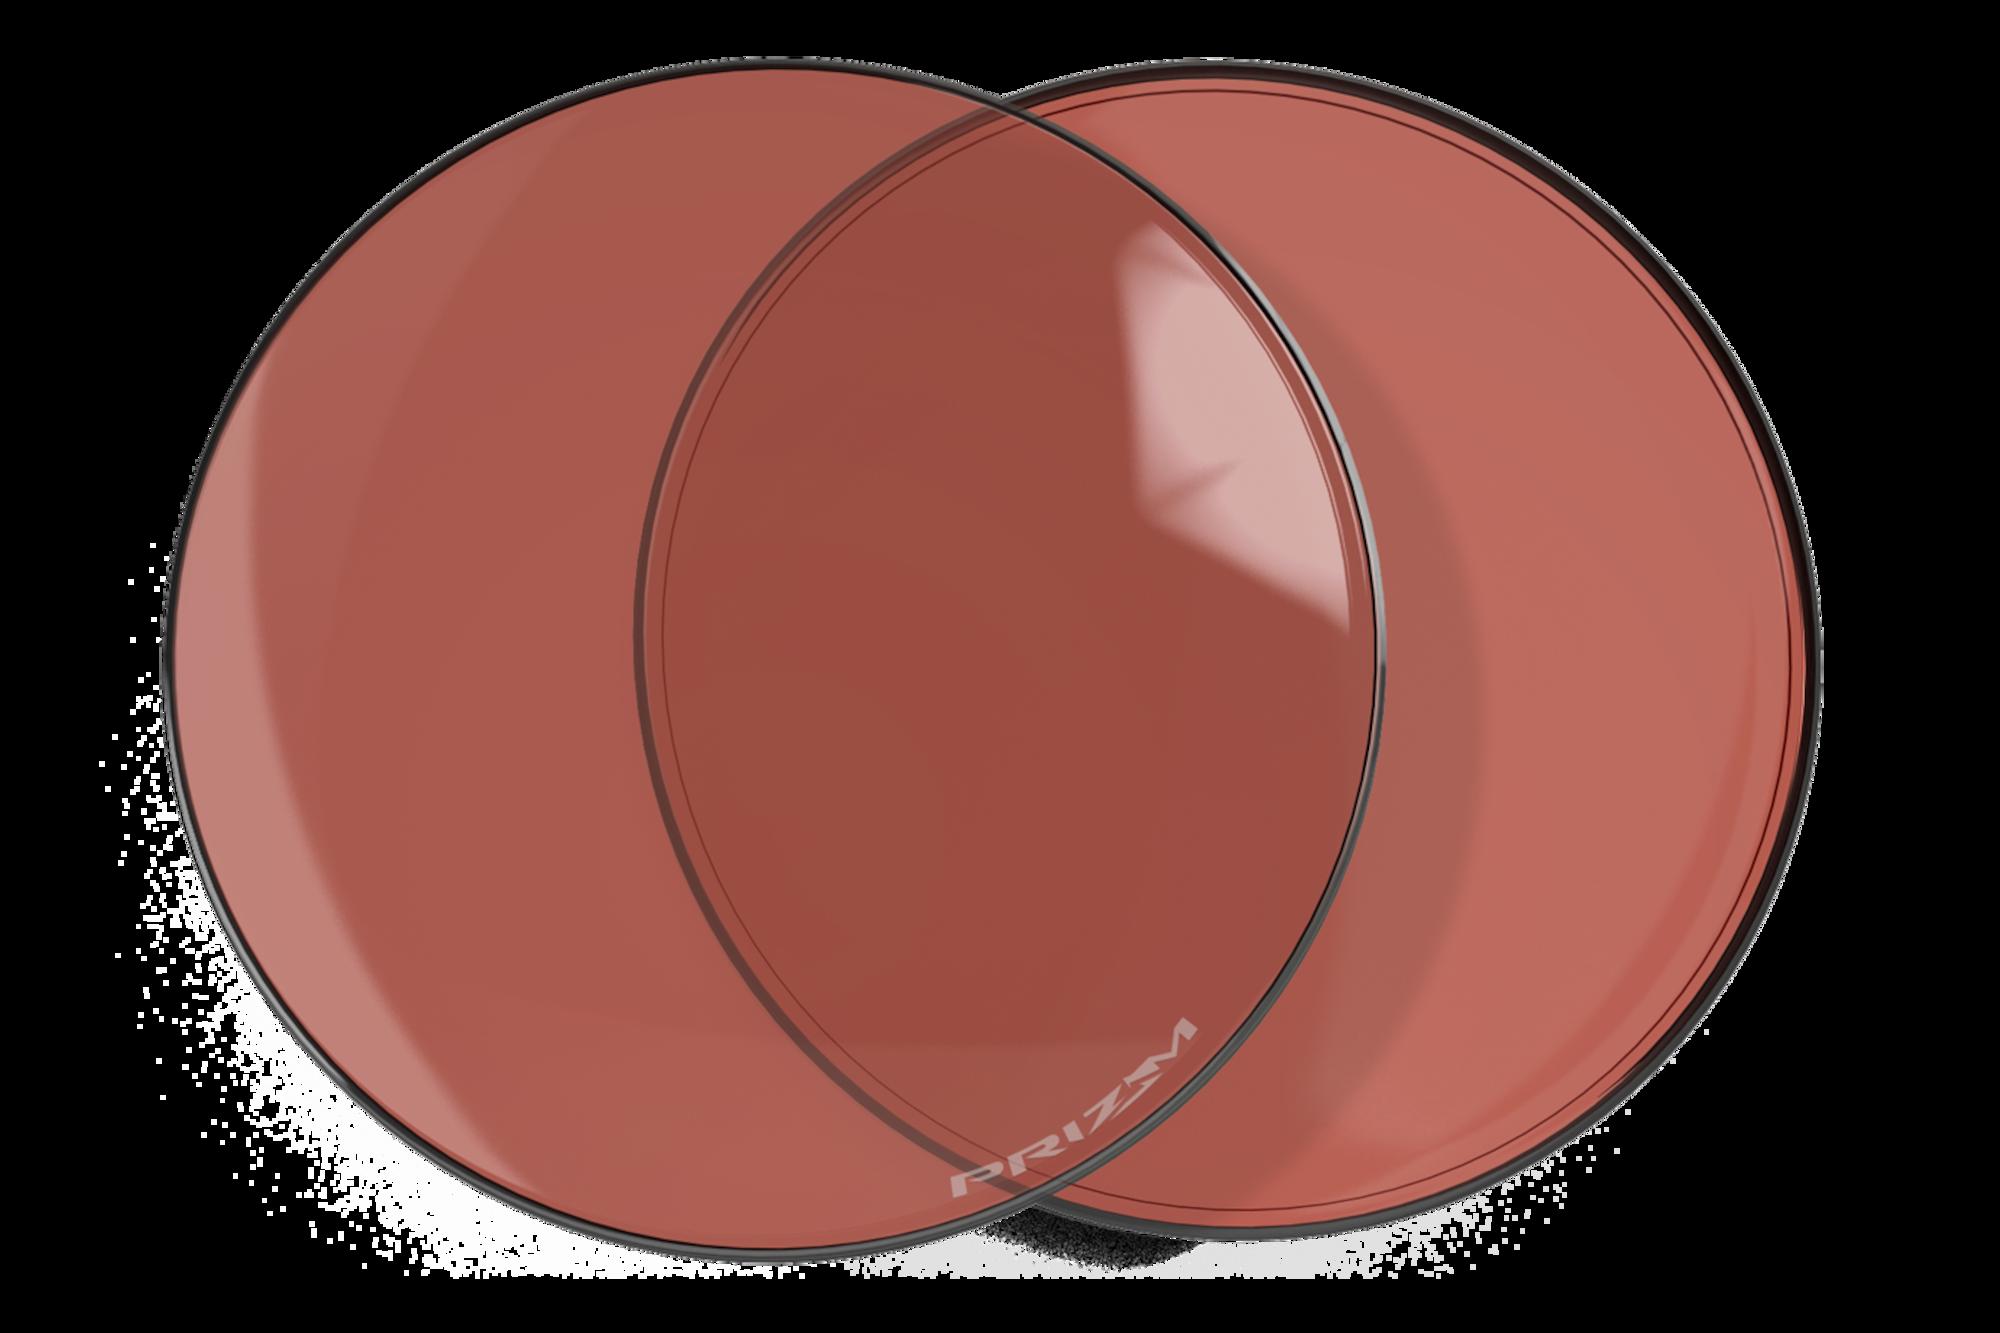 Prizm Peach